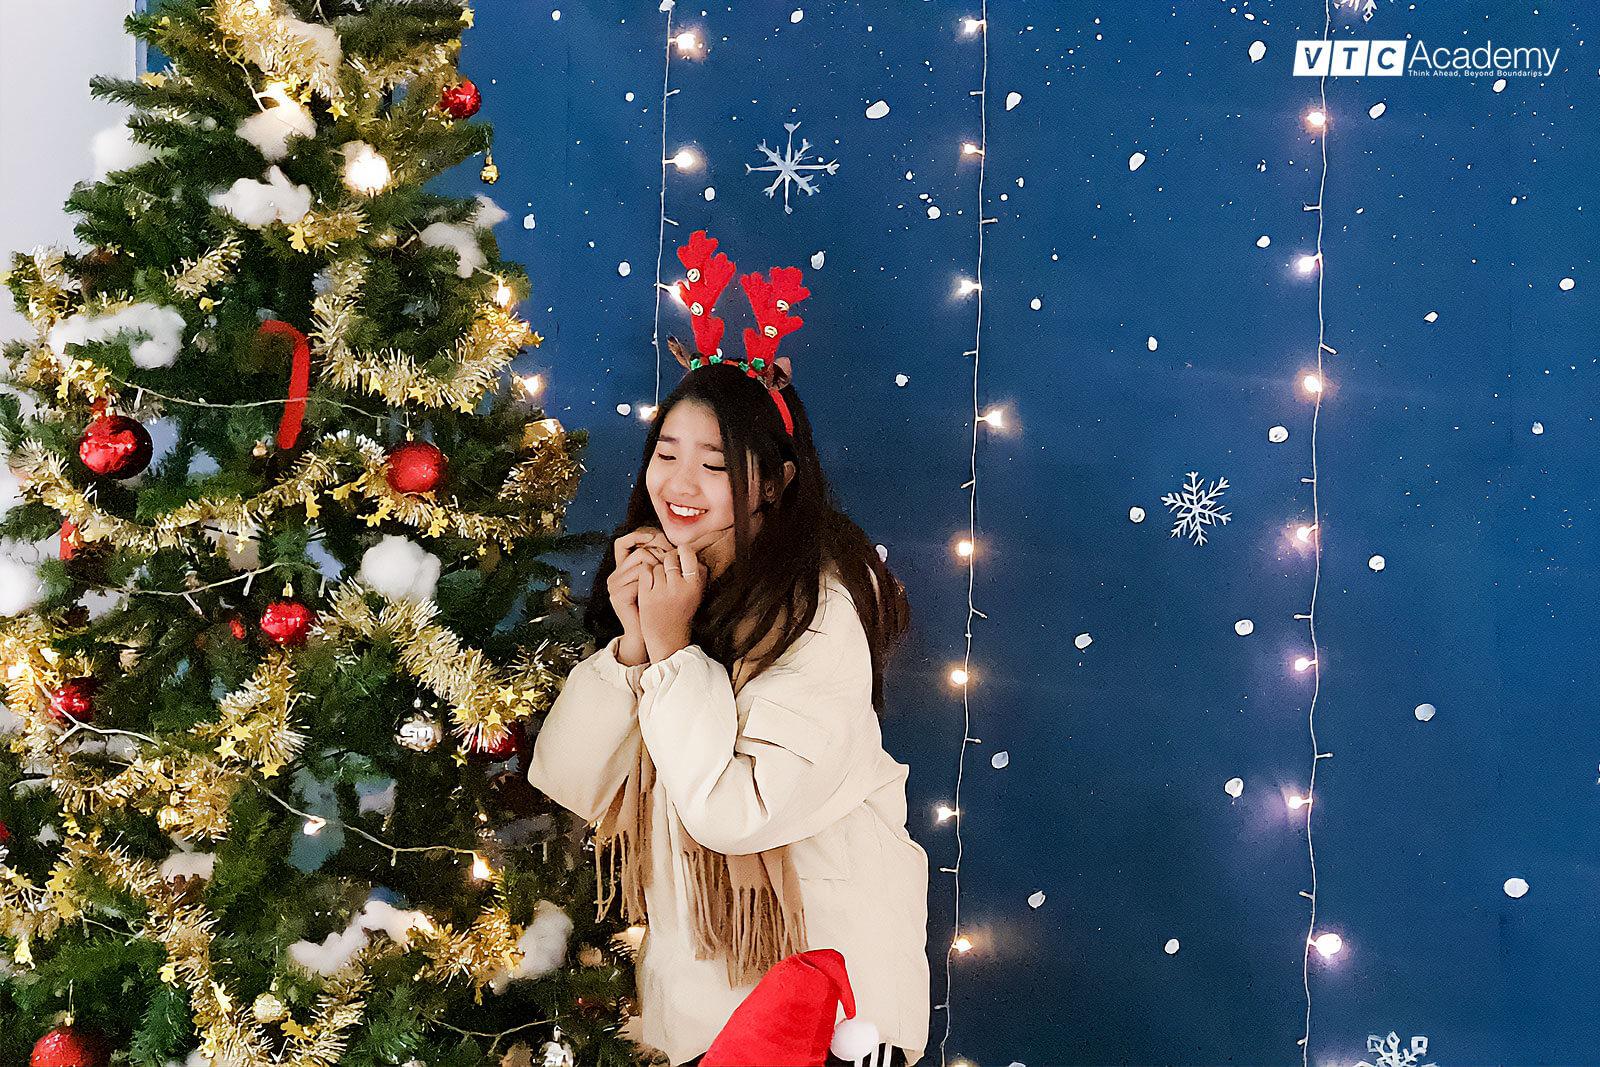 Học viên VTC Academy cả nước tưng bừng chào đón Giáng sinh 2020